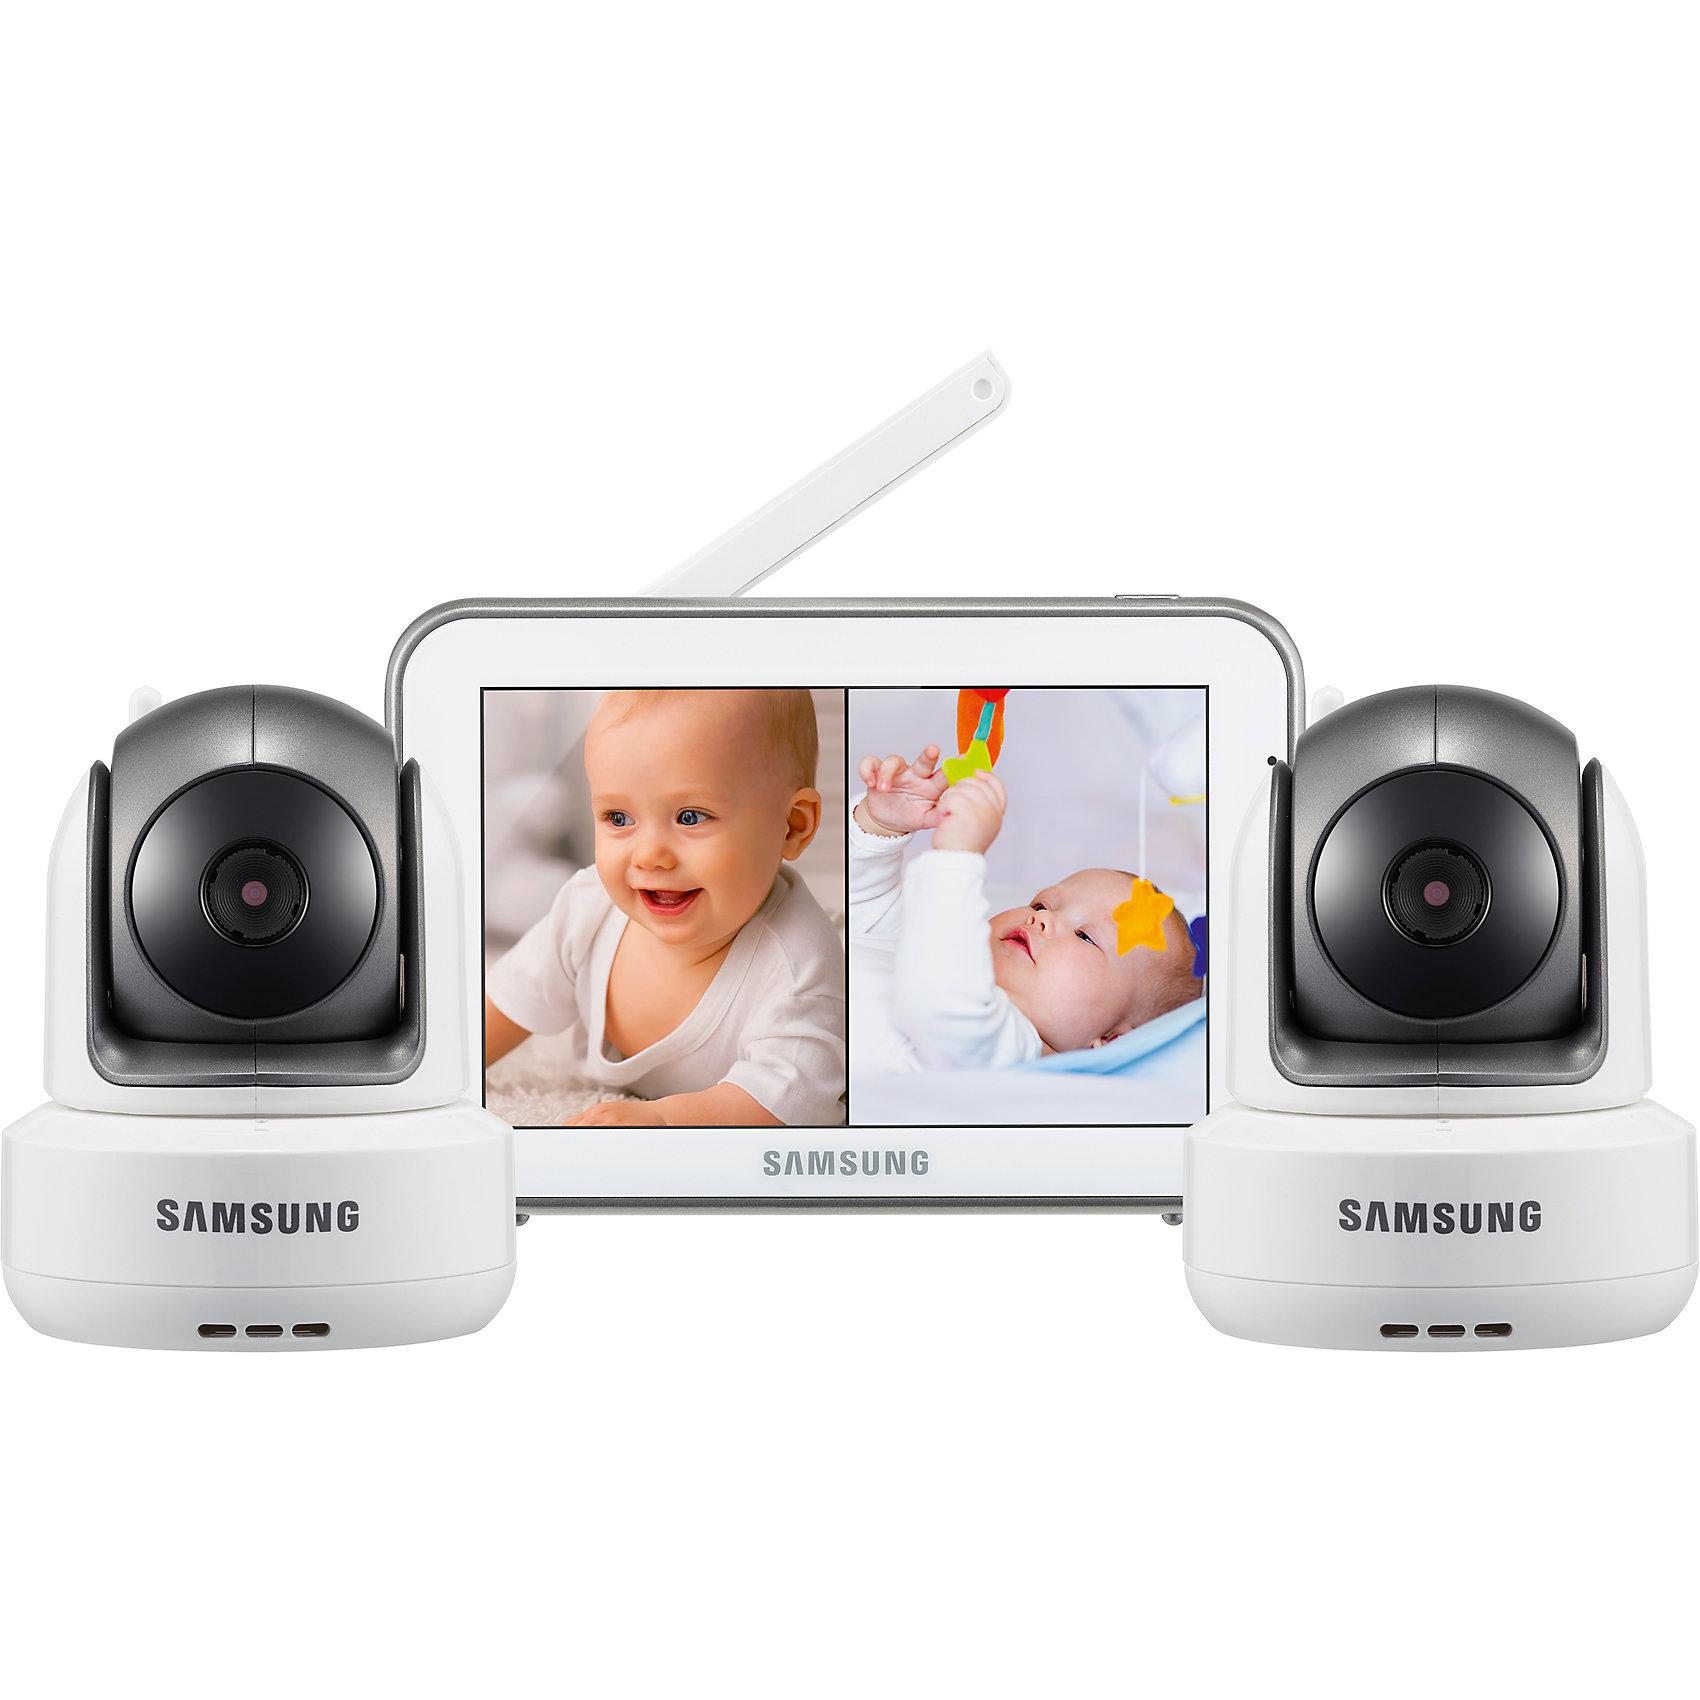 Видеоняня SEW-3043WPX2, SamsungВ комплекте видеоняни 2 камеры. <br>Дальность приёма до 300 метров.<br>Диагональ дисплея 12,7 см (5 дюймов).<br>Изображение камеры высокого качества HD 720p (разрешение 1280 x 720, эффективные пиксели H: 1280 / V: 1024).<br>Высокое качество изображения на мониторе, разрешение 800 х 480 пикселей.<br>Сенсорный дисплей, управление с помощью прикосновения к экрану.<br>Поворот камеры: 300o по горизонтали 110o по вертикали, чем обеспечивается полный обзор комнаты.<br>Угол обзора камеры в пассивном положении 55o (обычно этого достаточно, чтобы охватить больше половины детской комнаты, зависит от места расположения).<br>Двухсторонняя связь позволяет успокоить кроху на расстоянии, если он расплакался.<br>Высокое качество звука.<br>Ночник на детском блоке, управляемый с родительского блока.<br>Режим ночного видения включается автоматически при недостаточном освещении.<br>Инфракрасная подсветка не видна в темноте, поэтому не мешает ребёнку.<br>Колыбельные мелодии в памяти устройства, удалённое управление.<br>Автоматическая активация при плаче (режим VOX для сохранения заряда аккумулятора) или постоянно включённый дисплей.<br>Функция приближения (цифровой зум).<br>Таймер кормления с оповещением.<br>Индикация уровня заряда аккумулятора.<br>Время работы родительского блока видеоняни от батареи от 4 часов (зависит от интенсивности использования).<br>Регулировка громкости звука.<br>Индикатор уровня связи.<br>Возможность крепления камеры на стене (винты в комплекте).<br>Возможность подключения до 4-х камер с функцией разделения дисплея для просмотра всех подключенных камер одновременно на одном экране. Это означает, что вы можете наблюдать разные зоны вашего дома одновременно на дисплее.<br>Режим сканирования камер (изображение выводится с каждой камеры по очереди с промежутком в несколько секунд).<br>Родительский блок оснащён клипсой для крепления на поясе и подставкой для вертикального расположения. <br><br>.<br><br>Ширина мм: 80<br>Глубина мм: 300<b